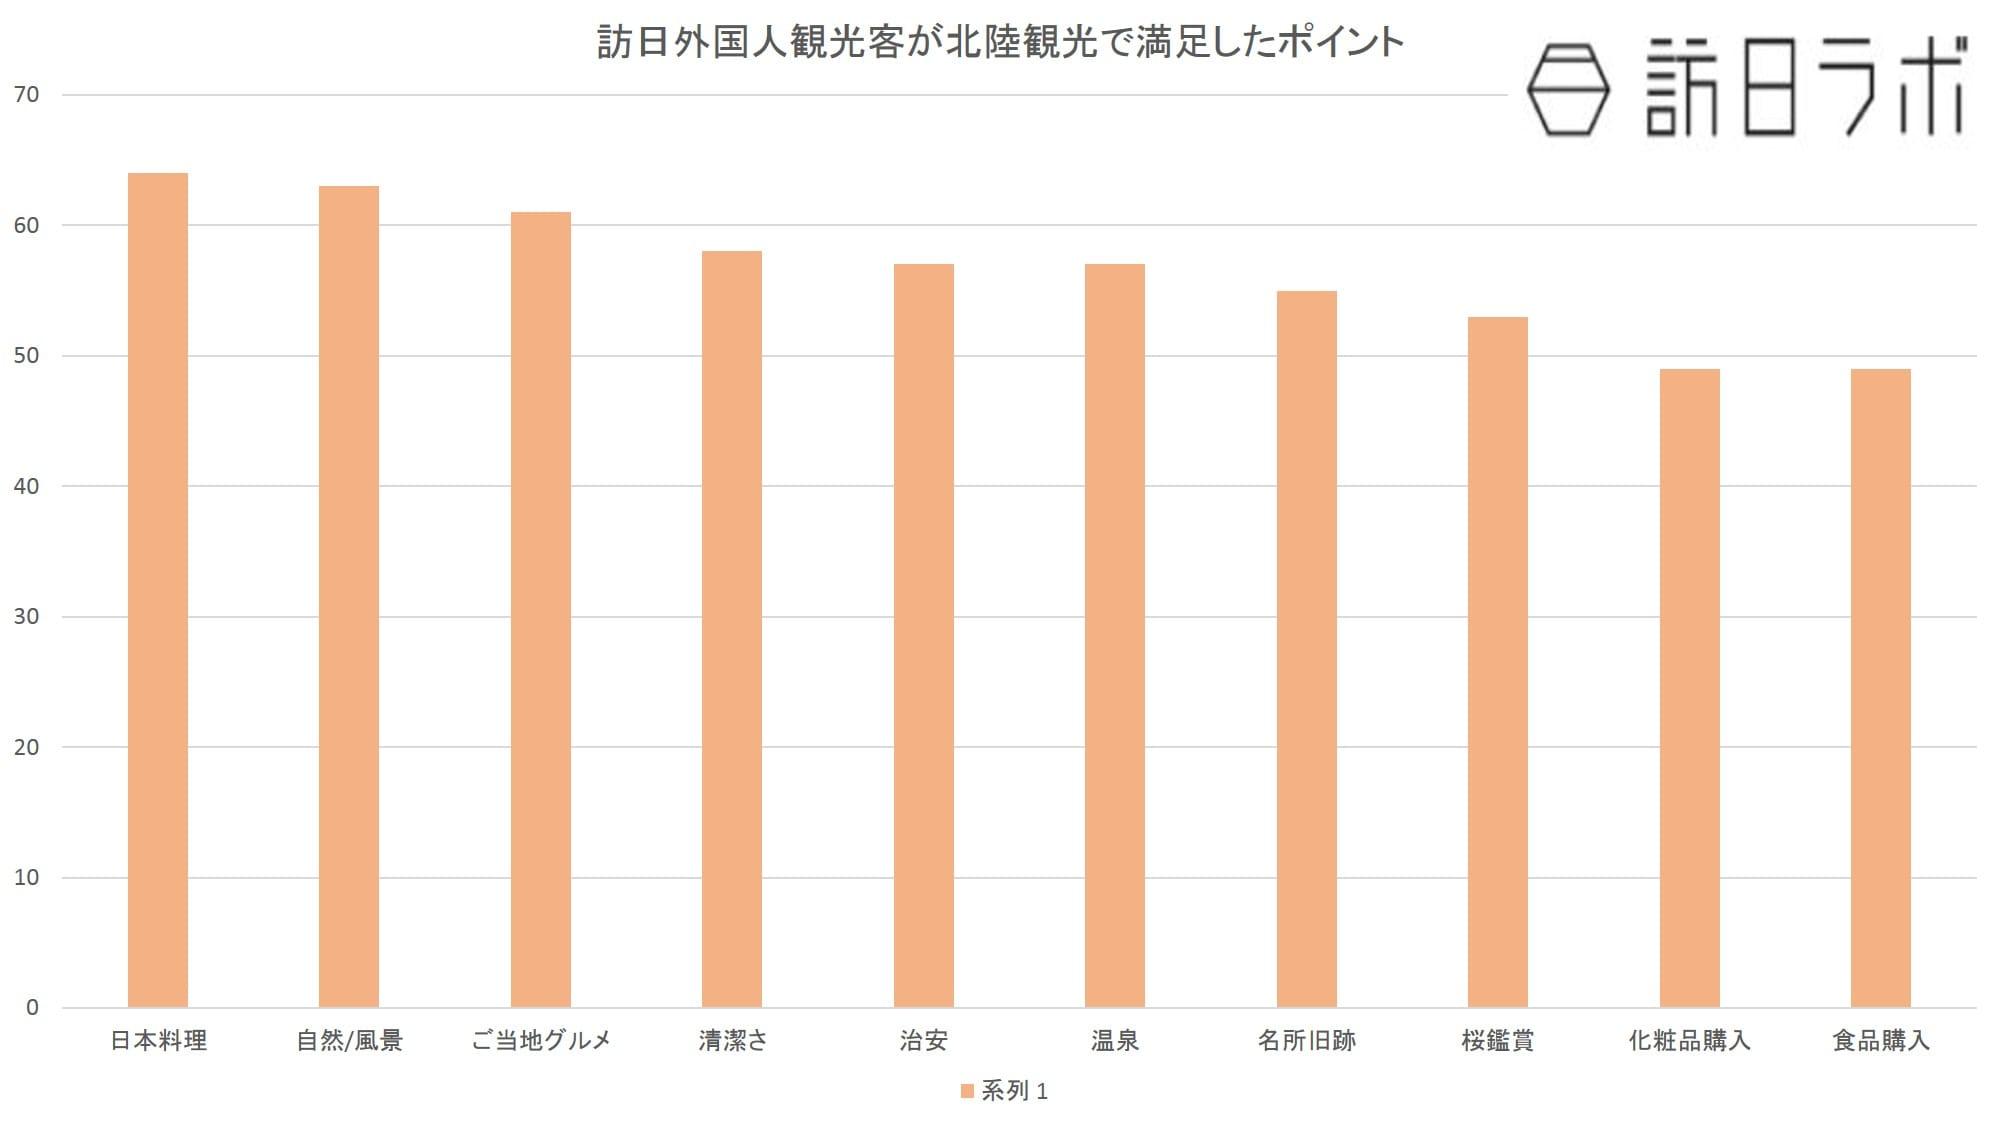 訪日客が北陸観光で満足したもの:日本政策投資銀行「北陸地域における観光マーケティングの必要性~DBJ/JTBF アジア・欧米豪 訪日外国人旅行者の意向調査」より